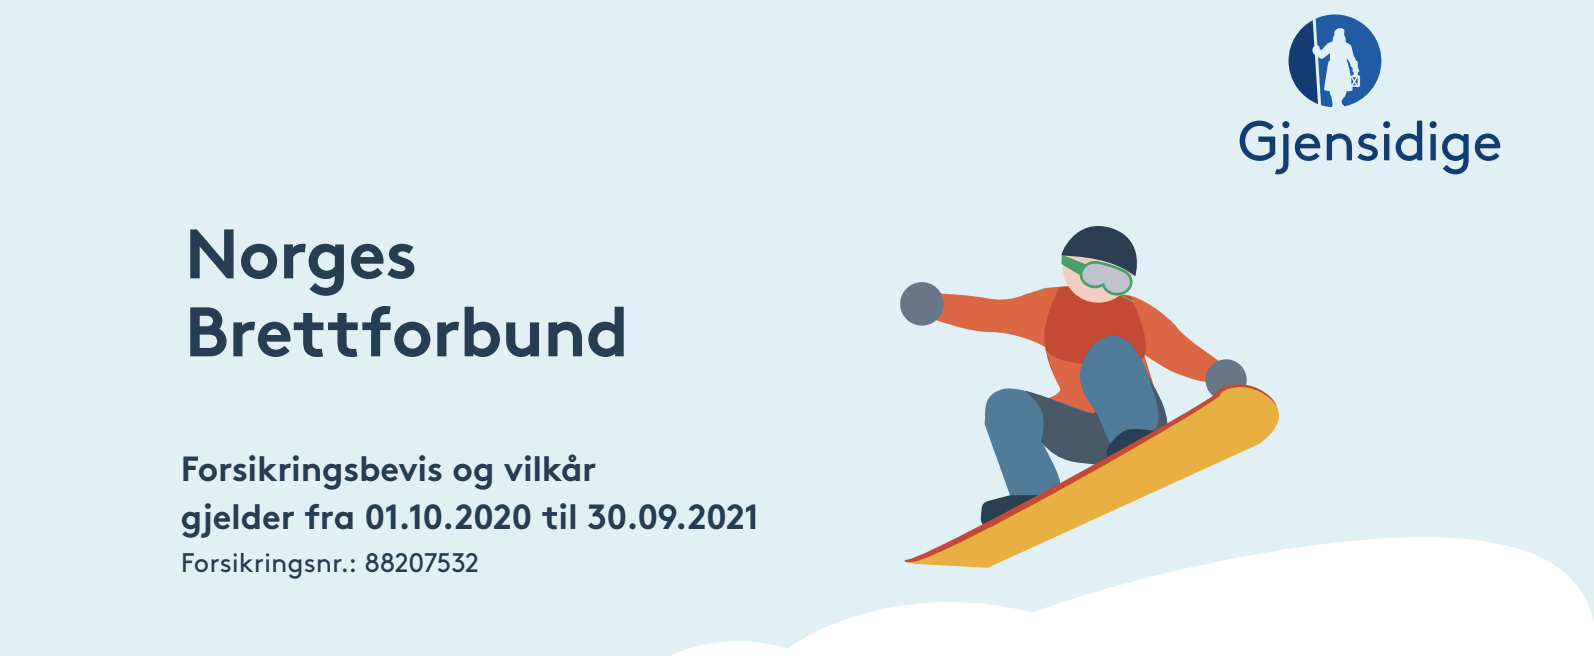 Headerbilde for MADcard 2020-2021 Brettforbundet